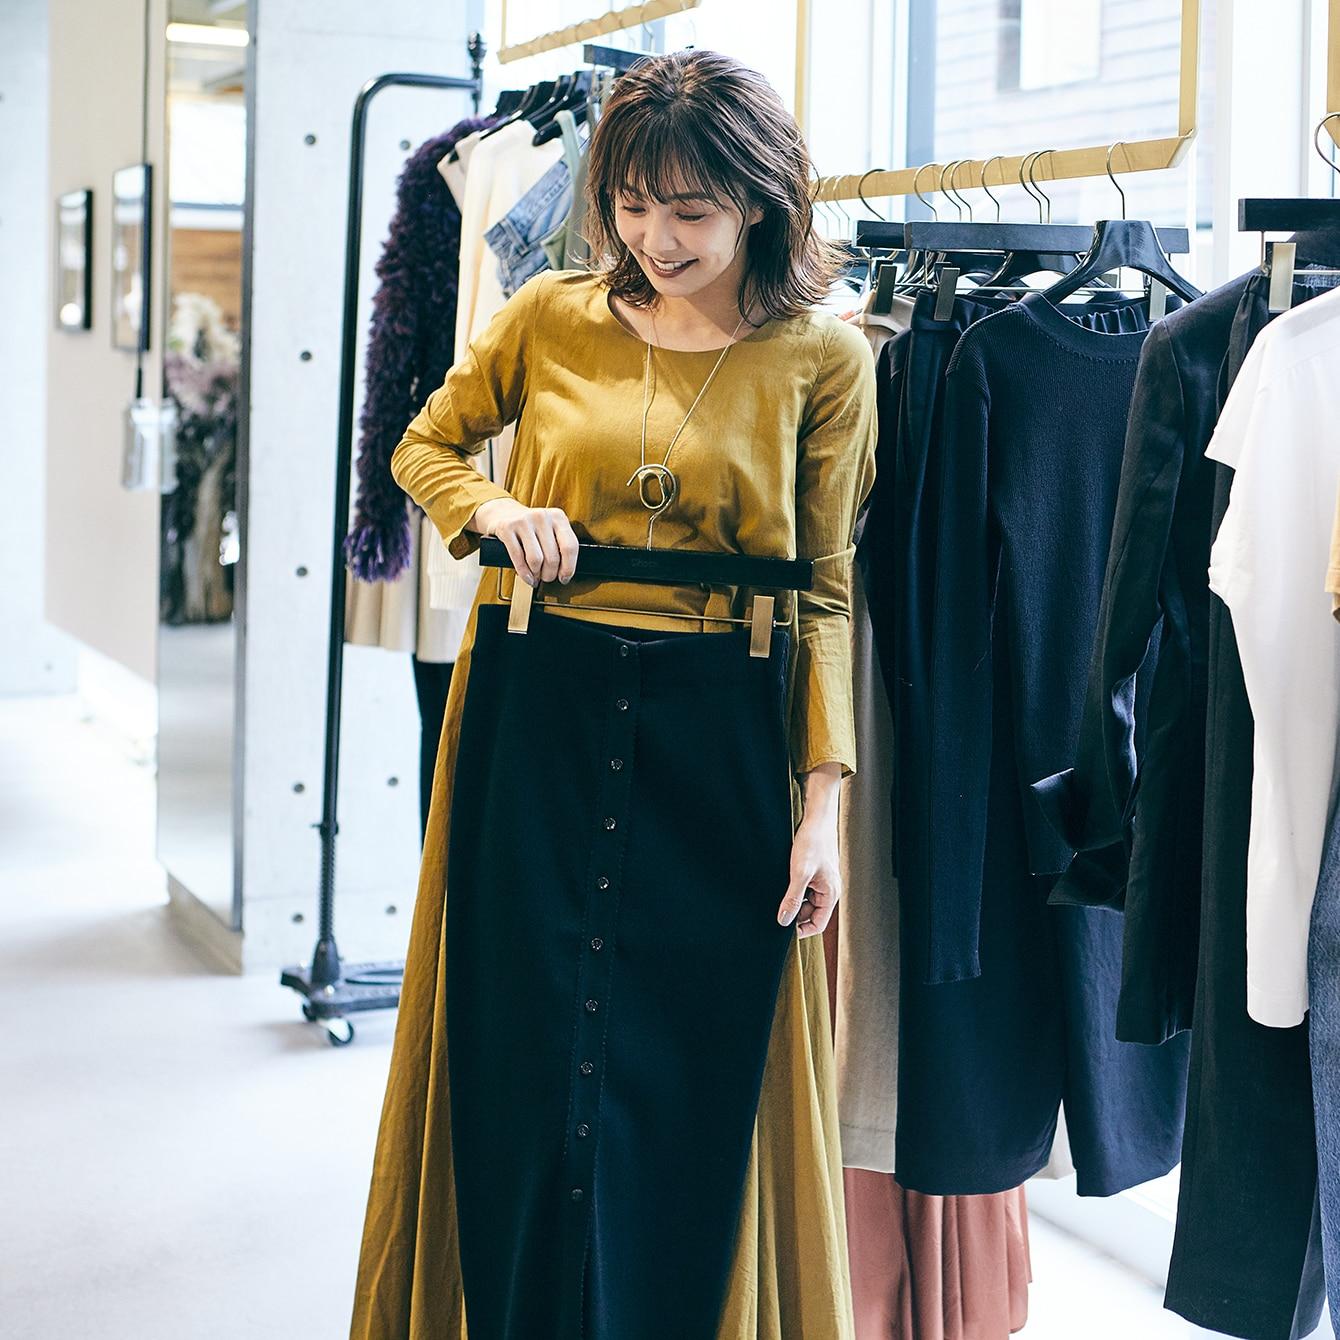 【小林麻耶さんの似合う服探し】マニッシュなジャケットやパンツを着てみたい